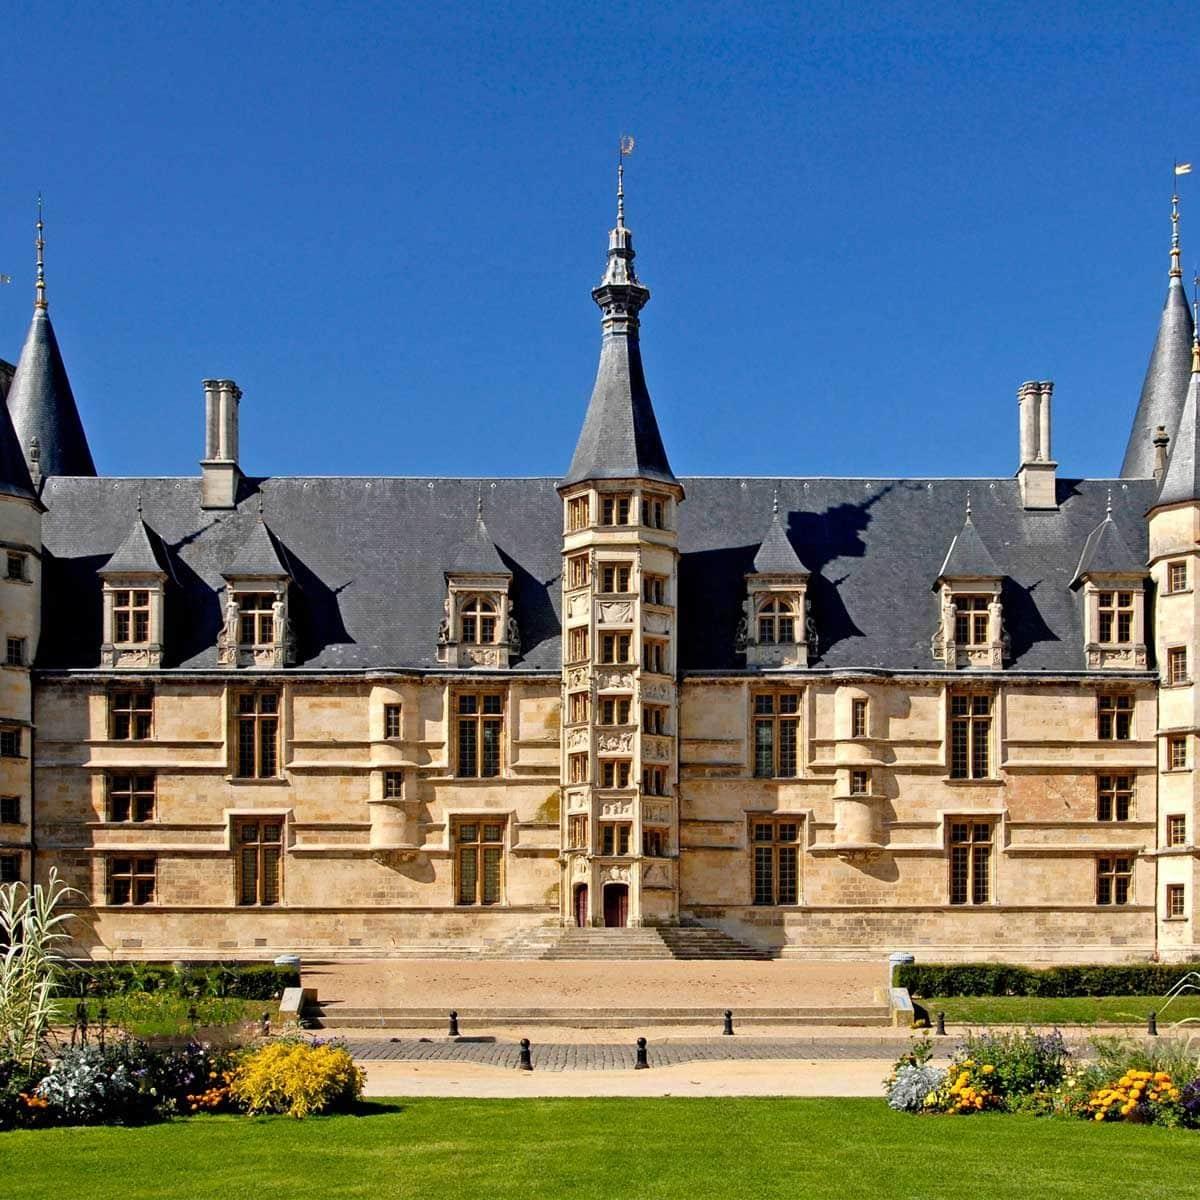 Salon du Mariage au Palais Ducal de Nevers